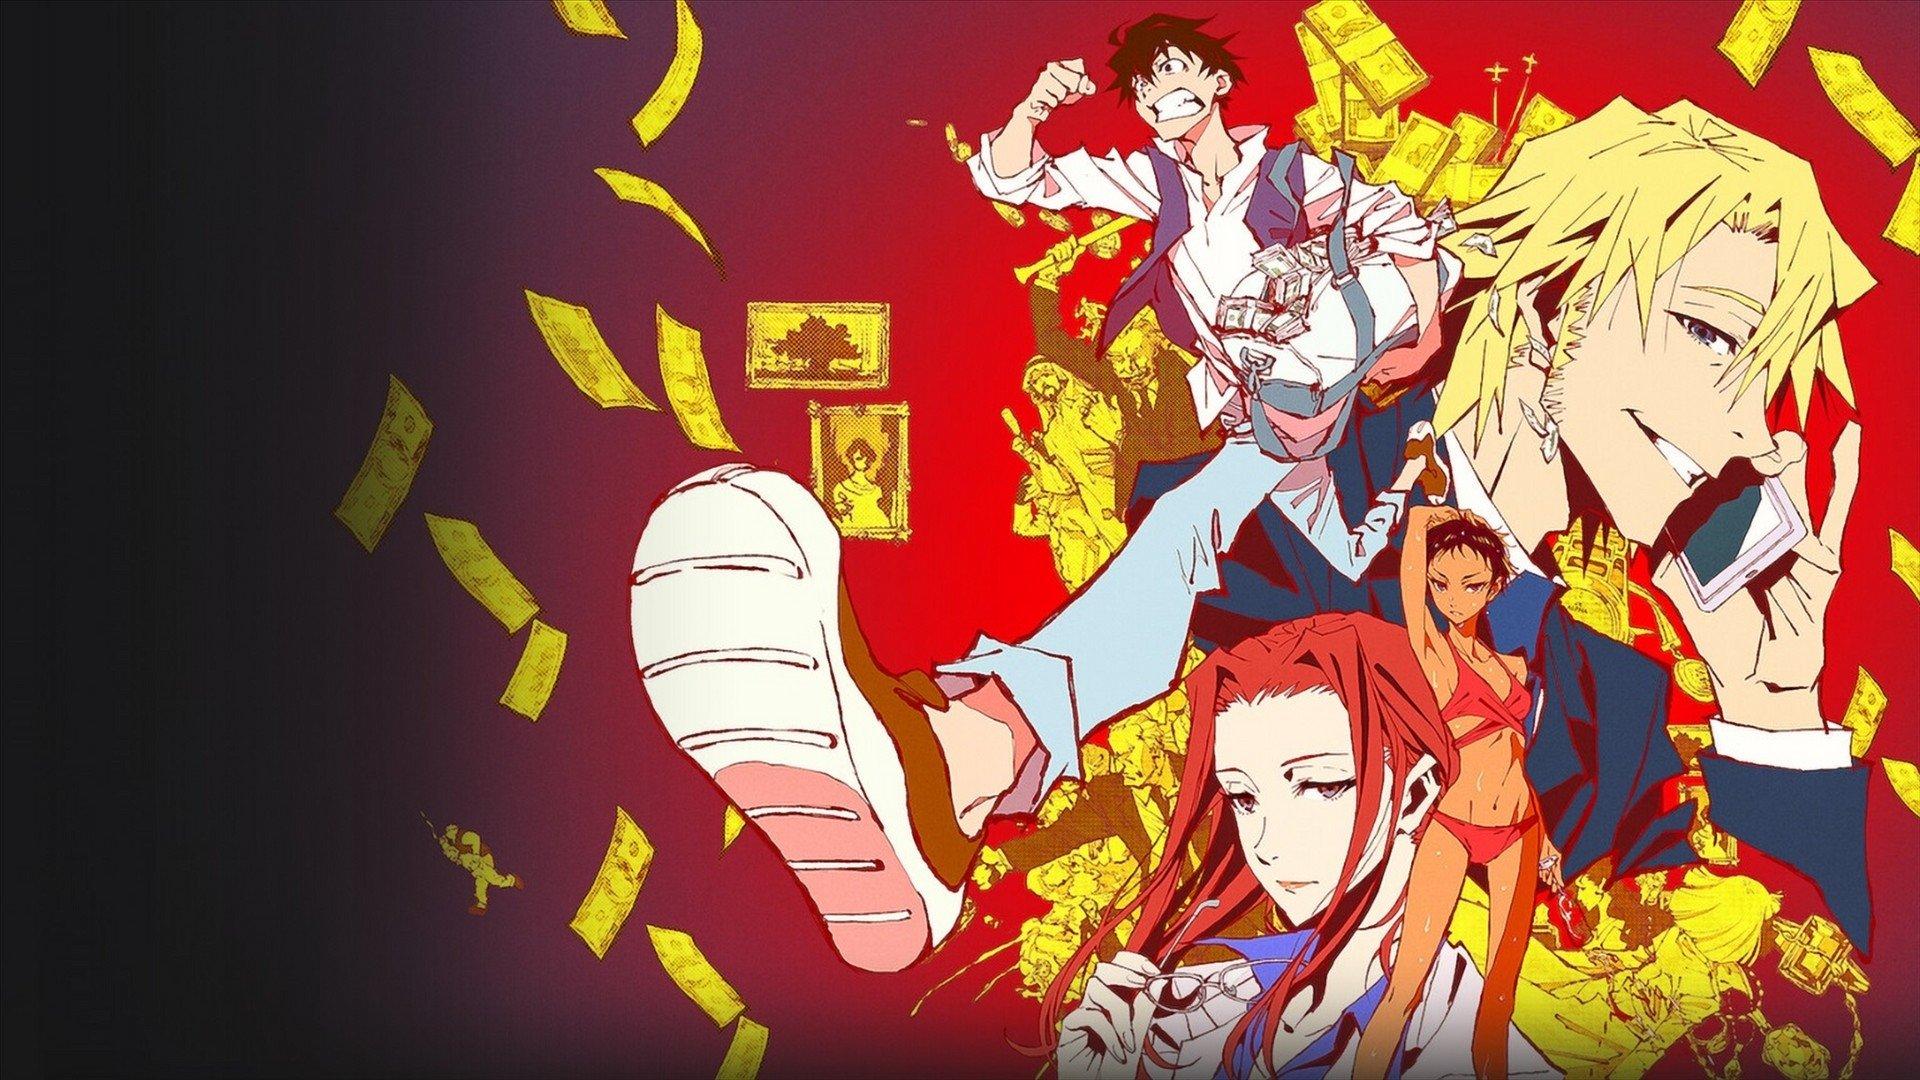 Na direita temos quatro dos personagens do anime. De cima para baixo há um garoto de cabelo castanho correndo com uma bolsa de dinheiro. Um homem loiro falando ao telefone. Uma garota em pé mexendo no cabelo e outra ruiva tirando os óculos.